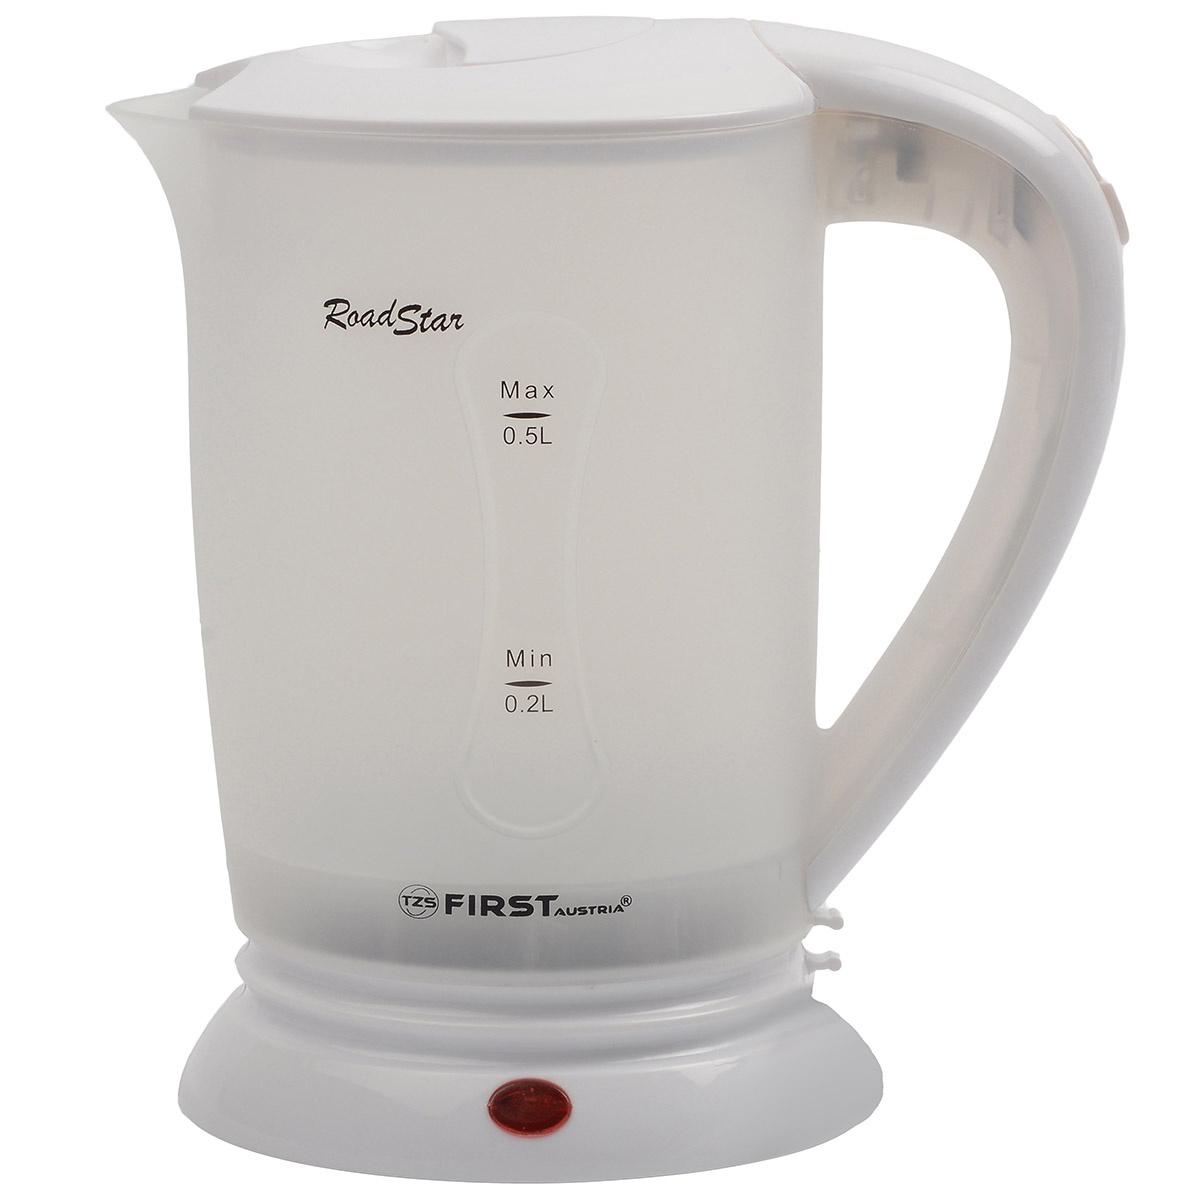 Электрический чайник FIRST FA-5425-2-WI чайник first fa 5427 8 bu 2200 вт белый синий 1 7 л пластик